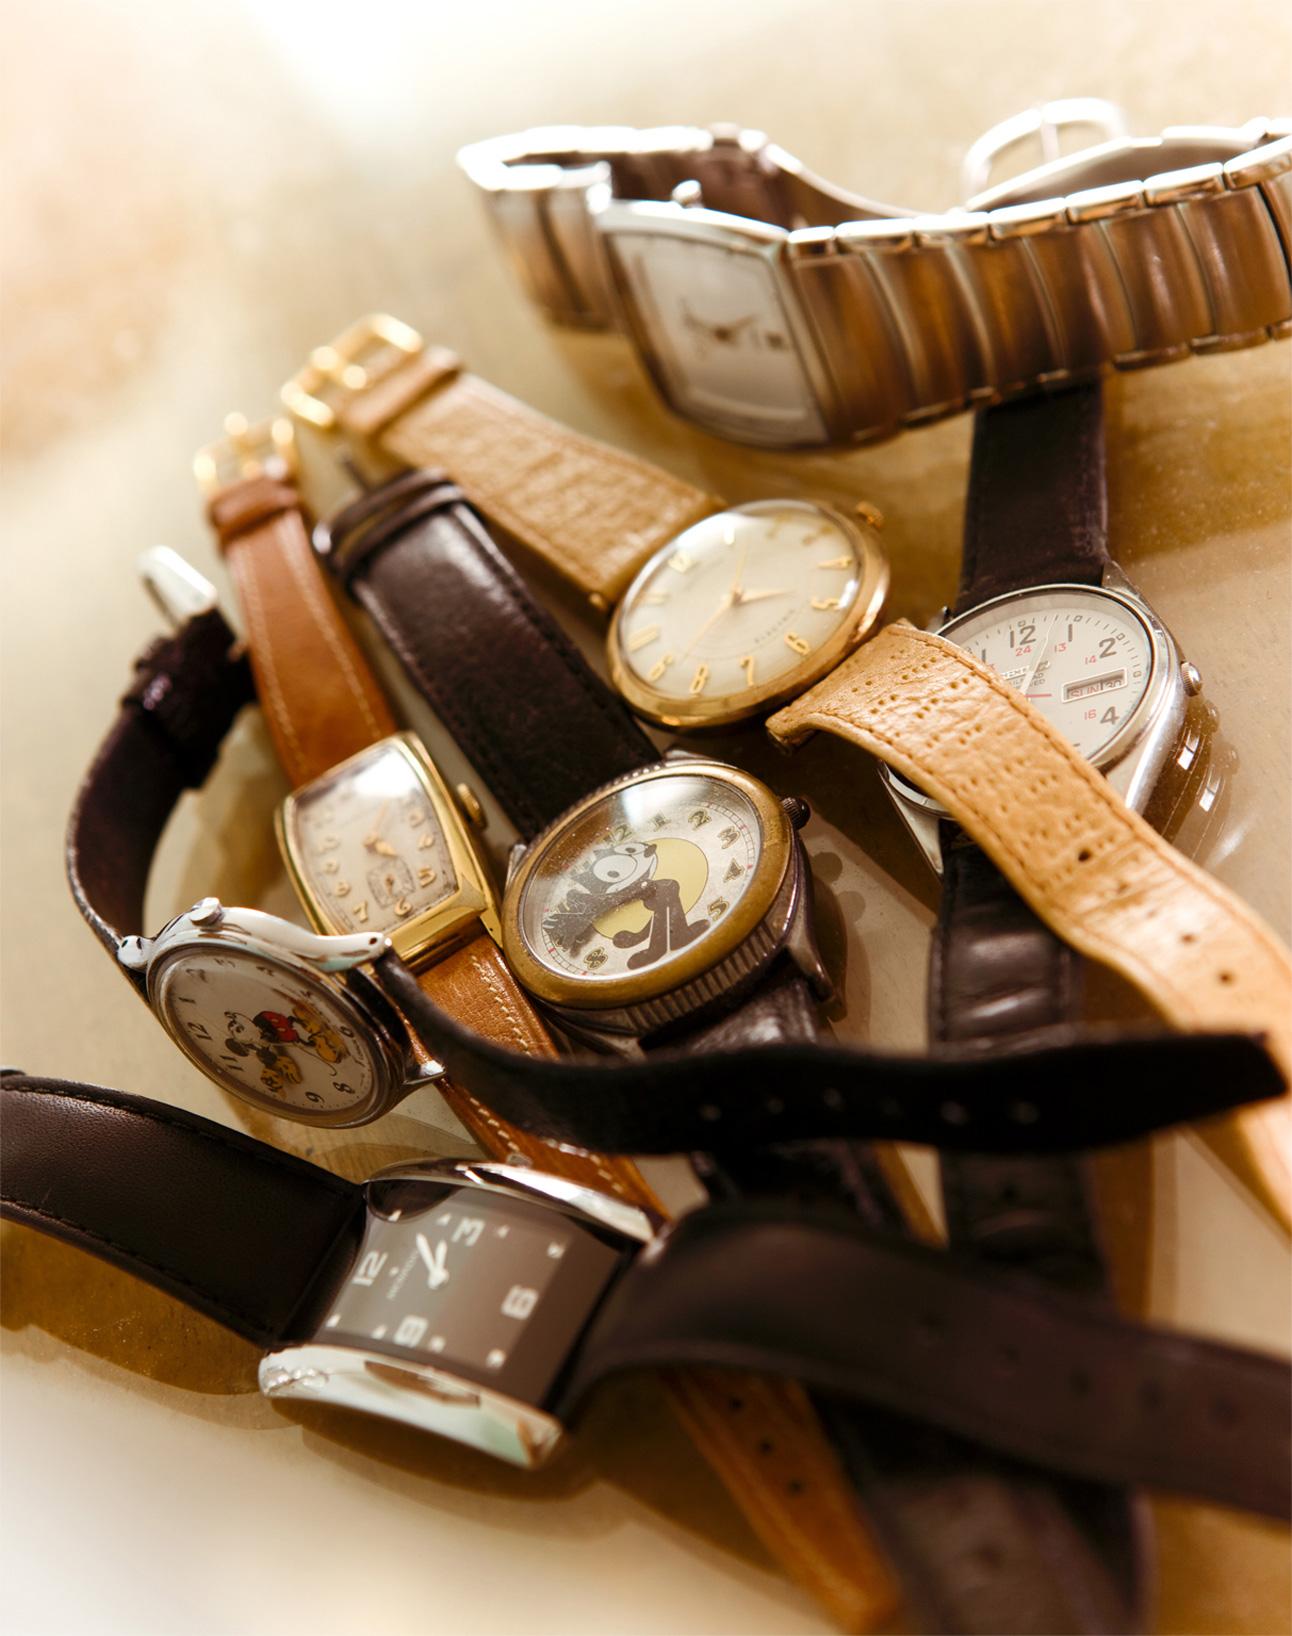 jim's.watches.jpg